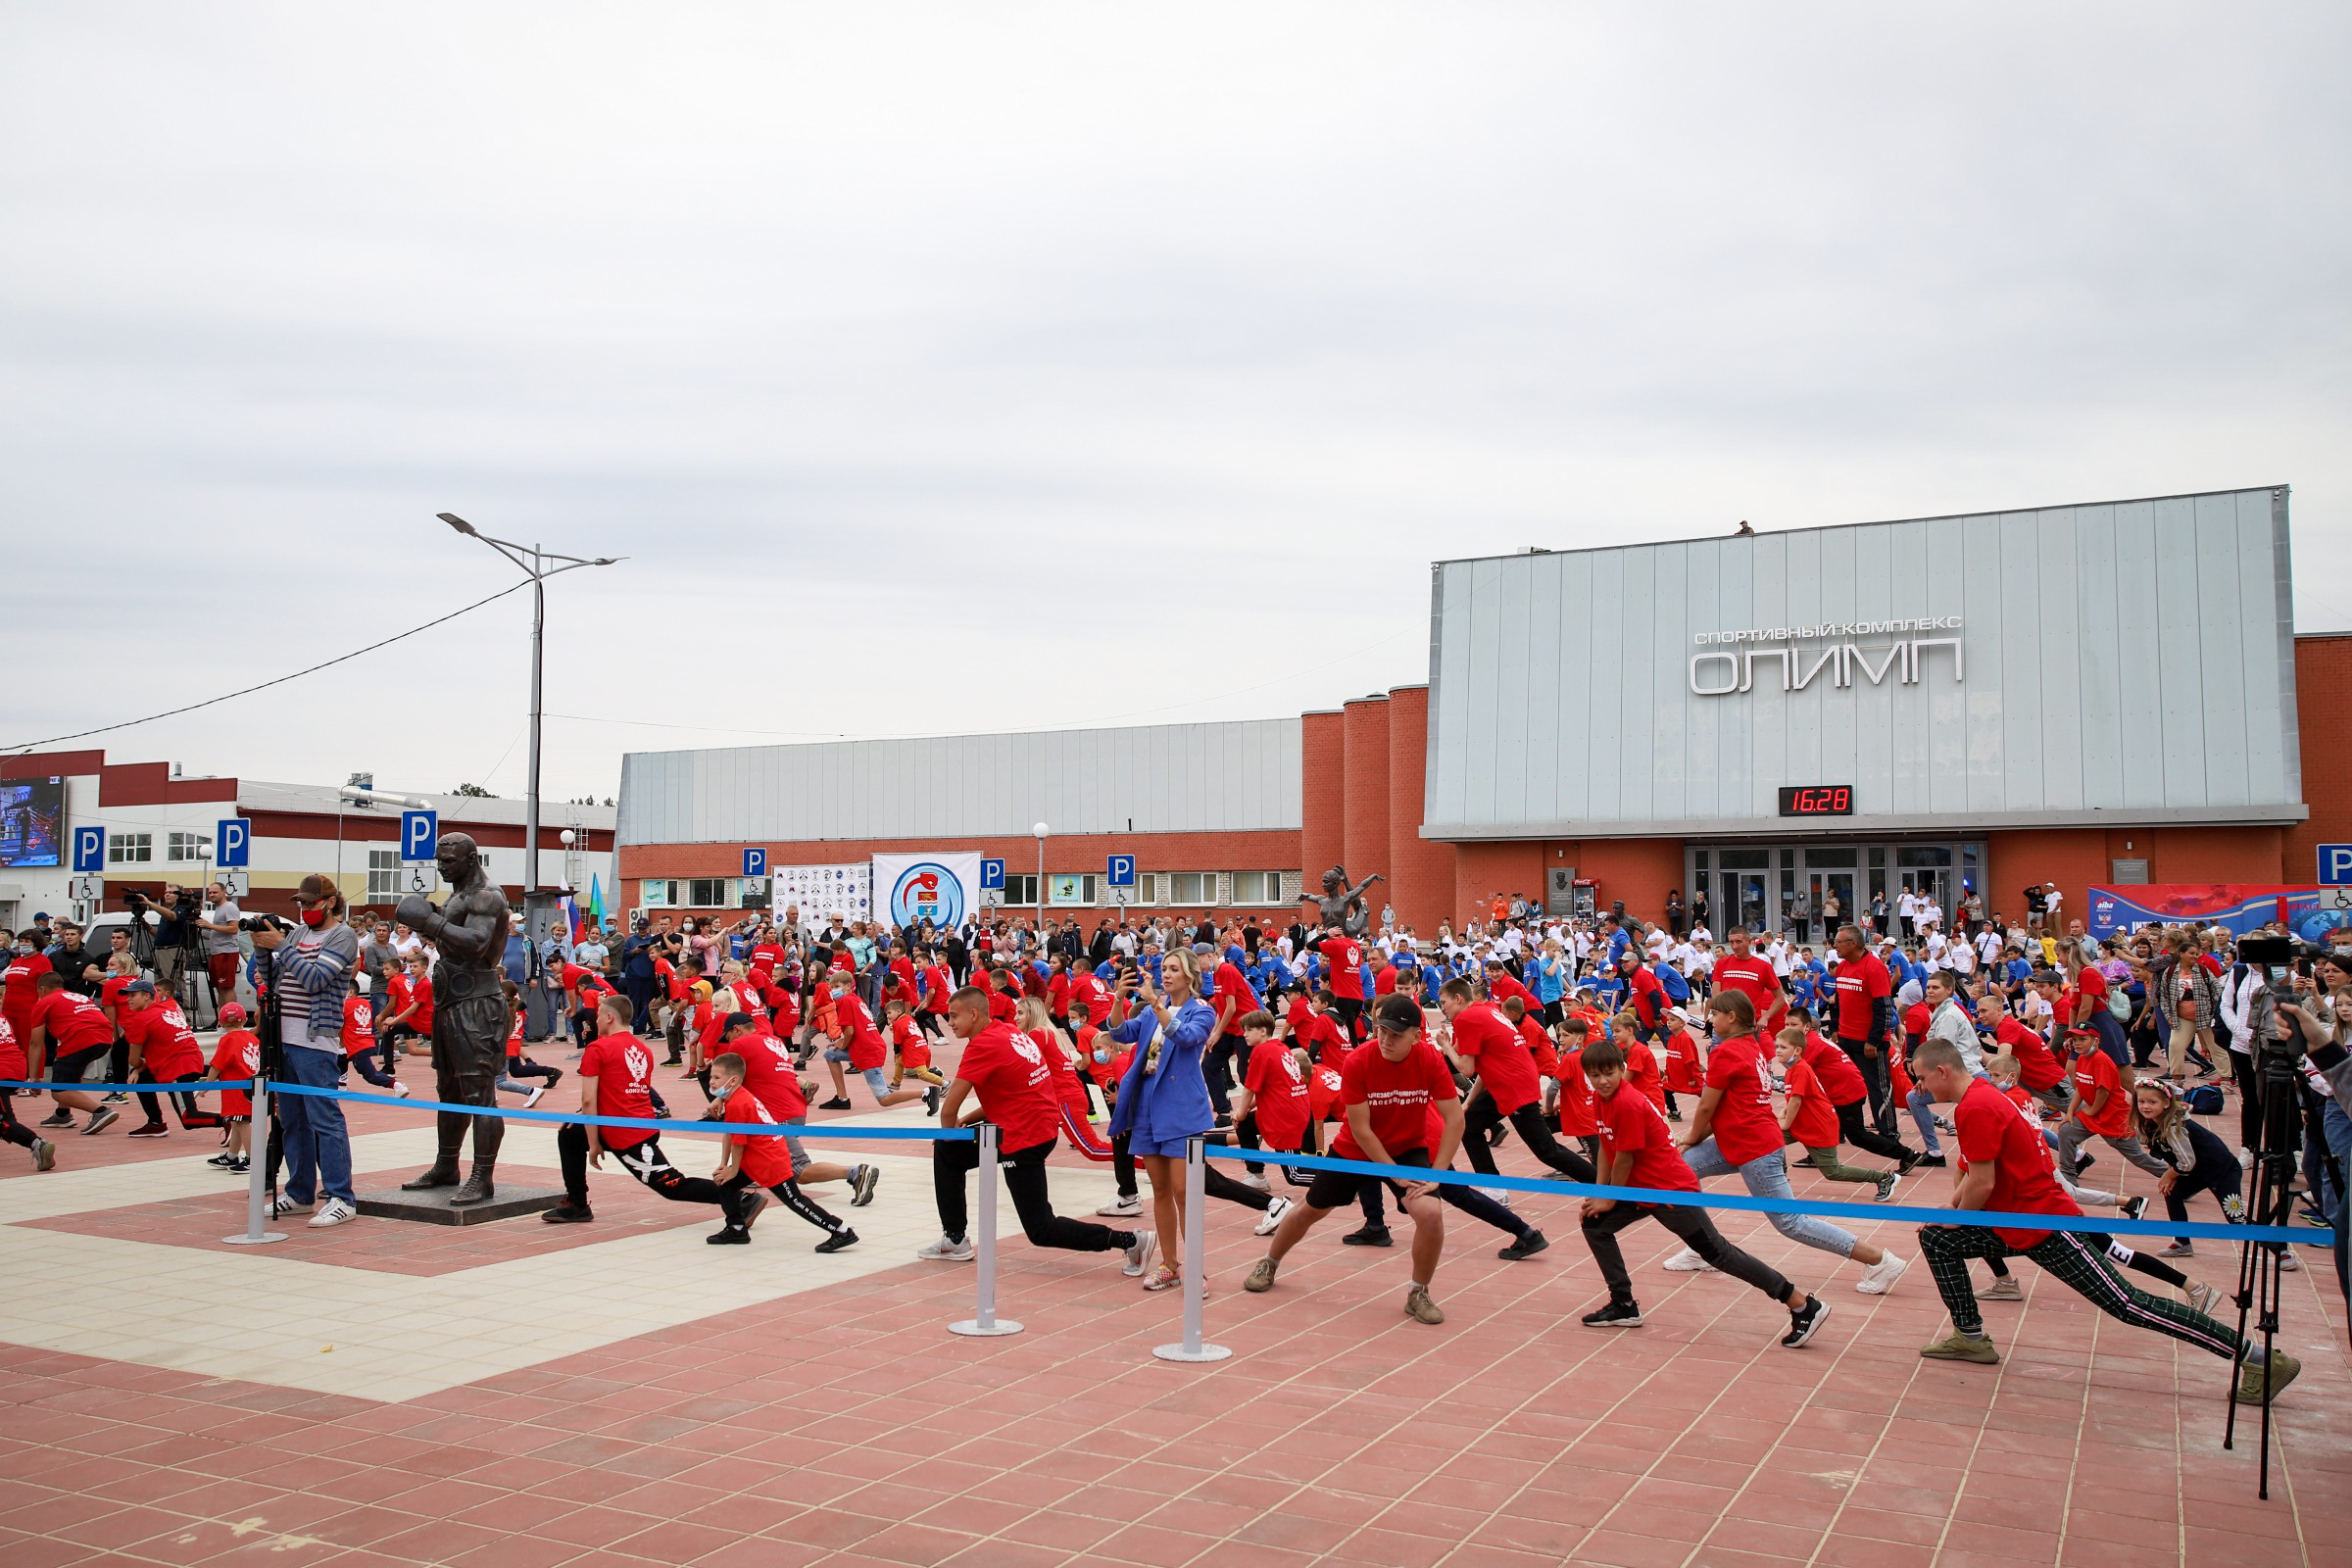 27 августа в Каменске-Уральском на аллее СК «Олимп» состоялось празднование Международного Дня Бокса!